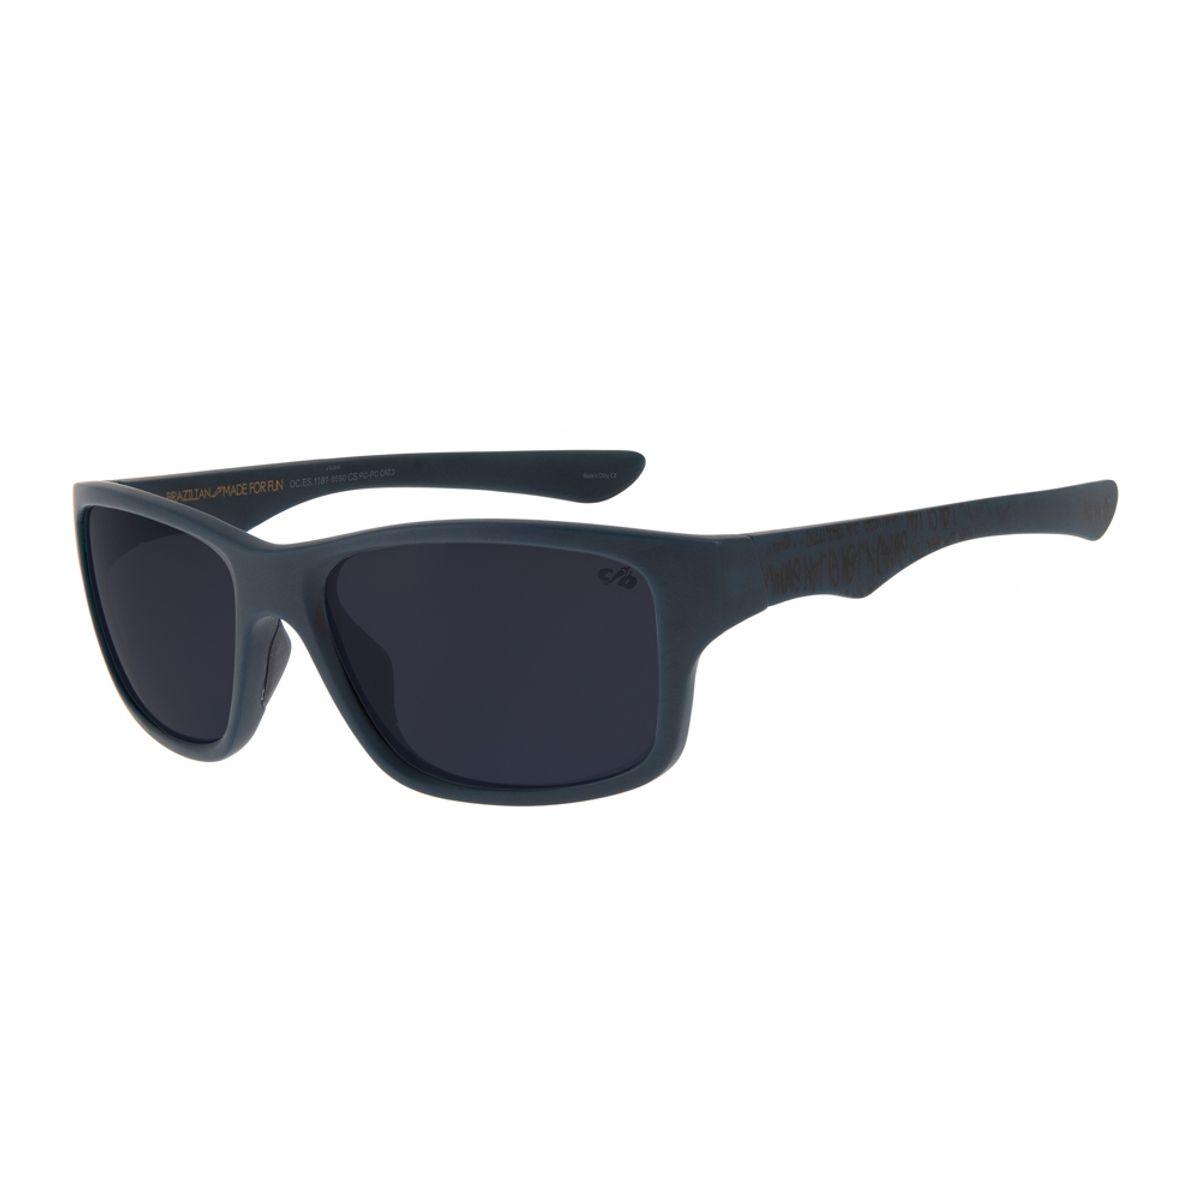 0182095a3 Óculos de Sol Chilli Beans Masculino Esportivo Cranio SK8 Polarizado ...